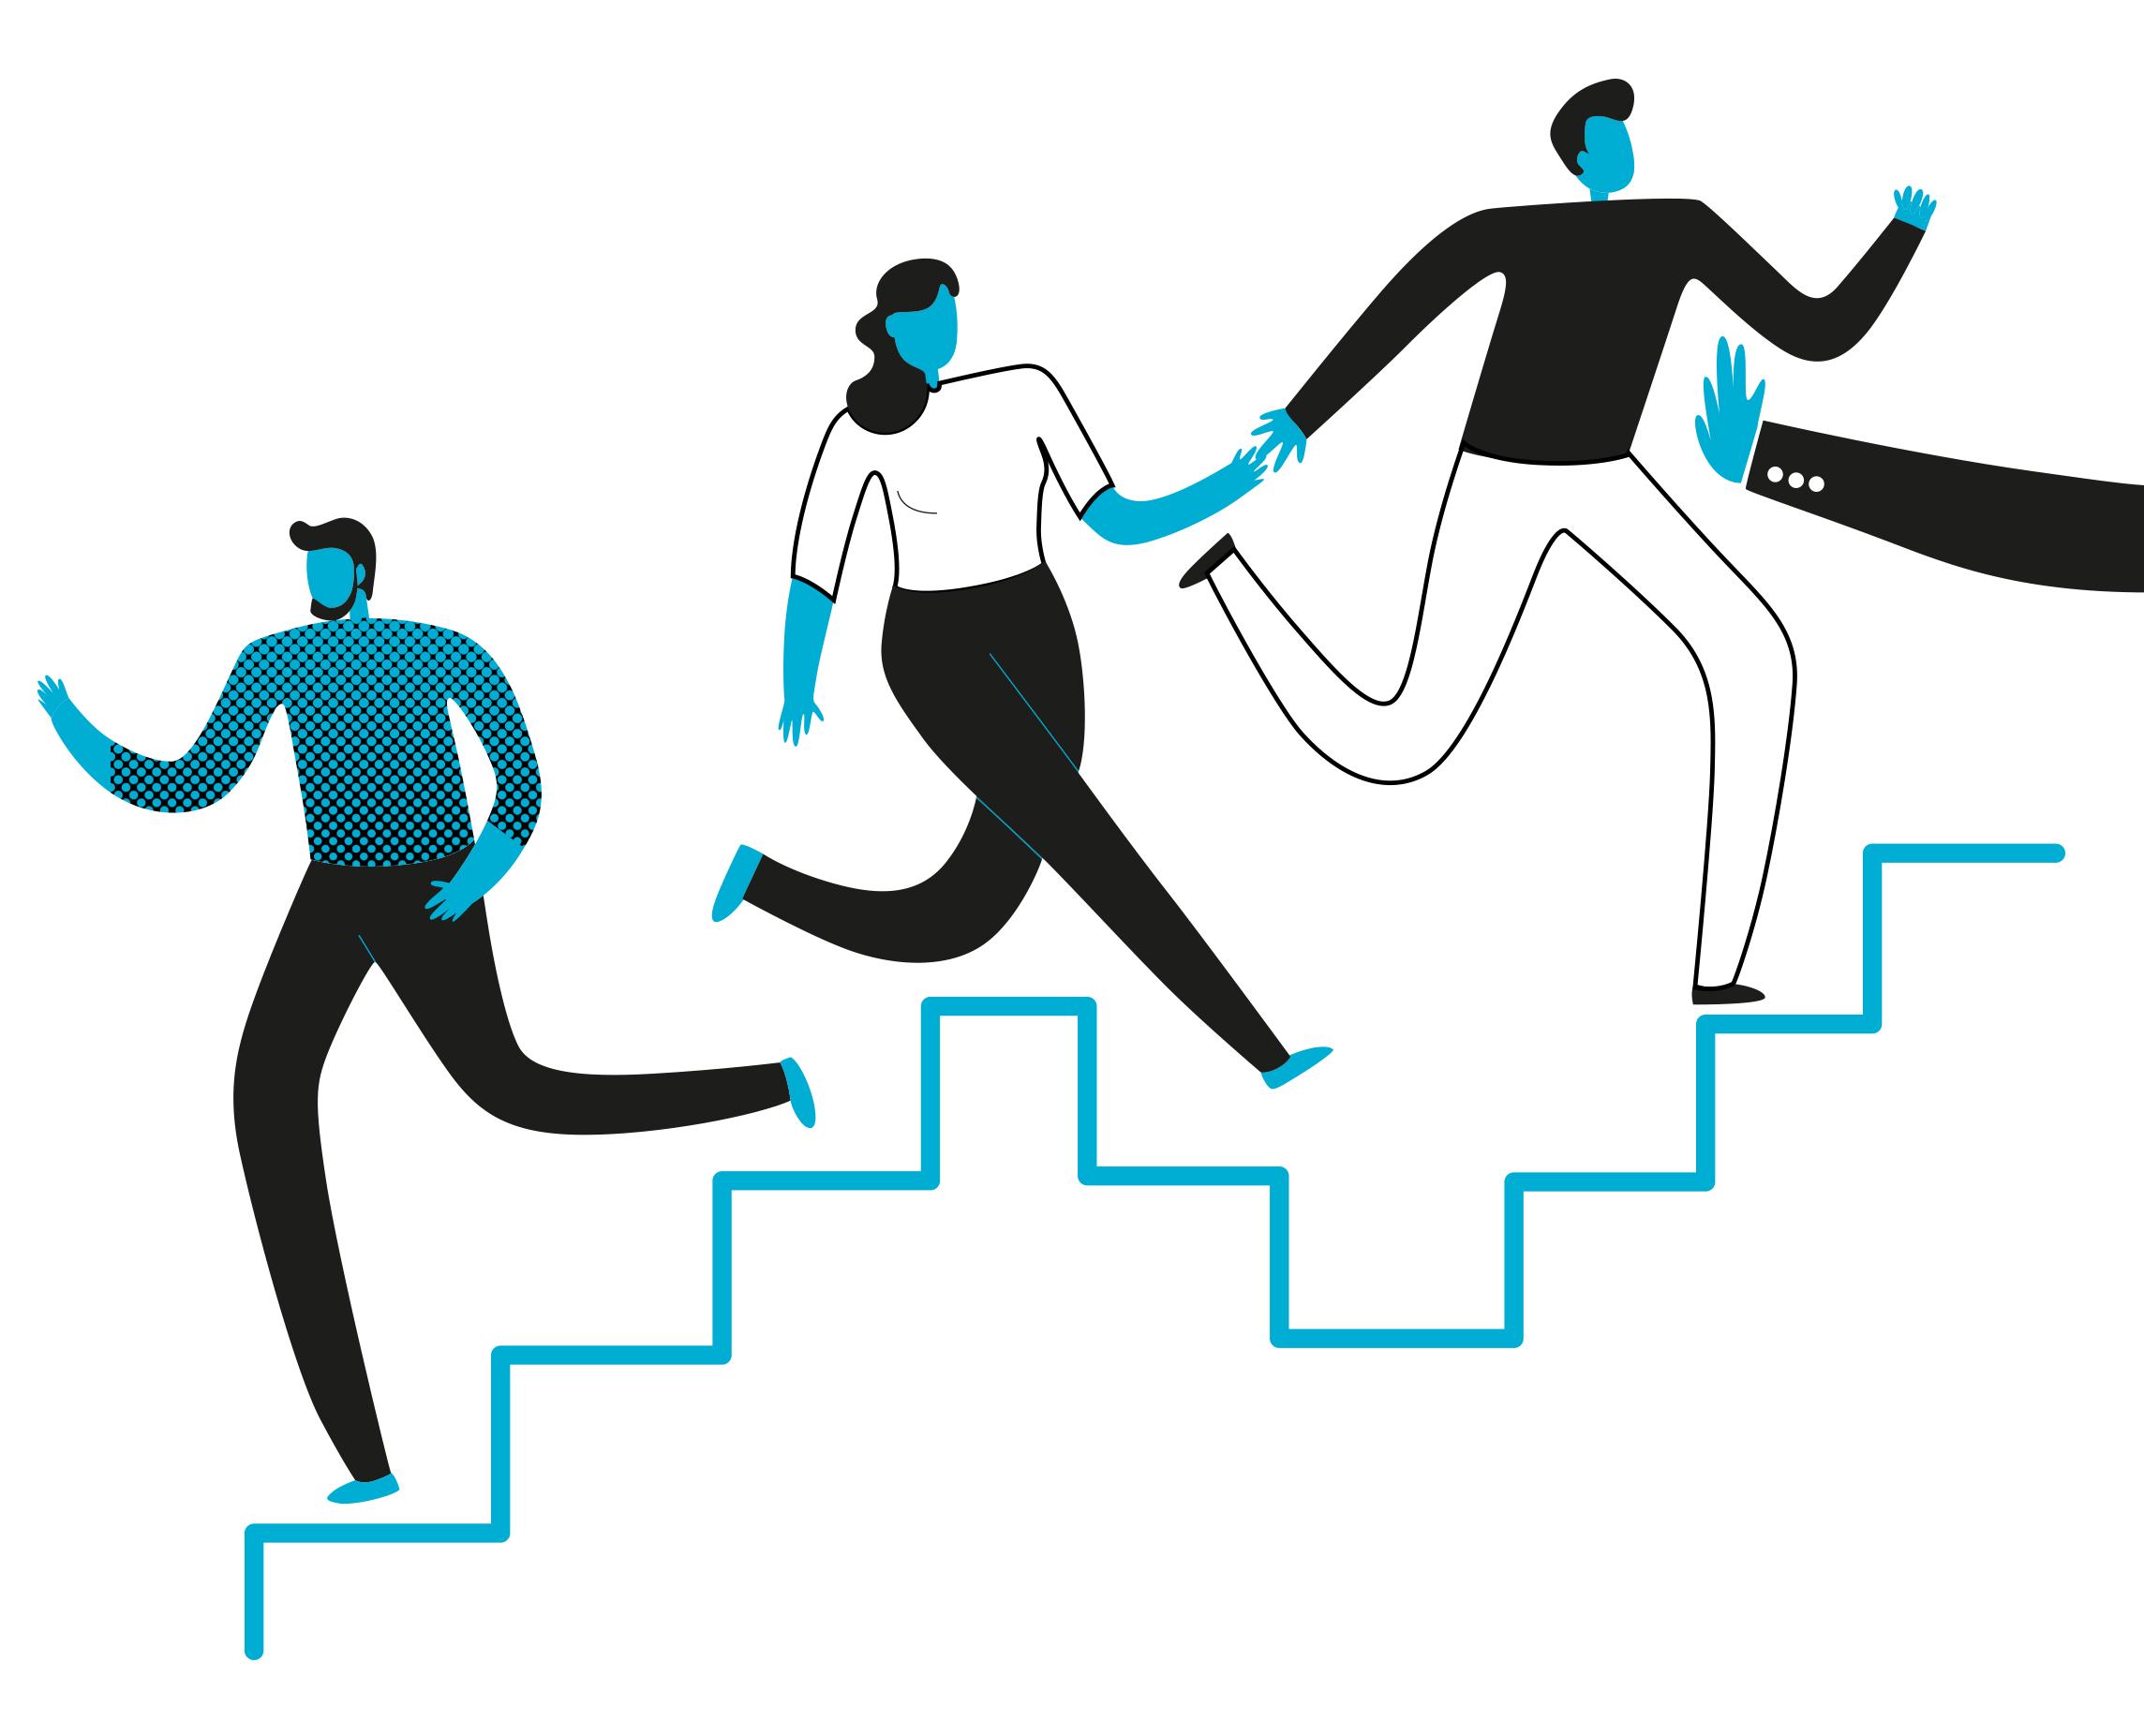 قانون الاقتصاد الاجتماعي والتضامني: خطوة إيجابية، رغم بعض النقائص